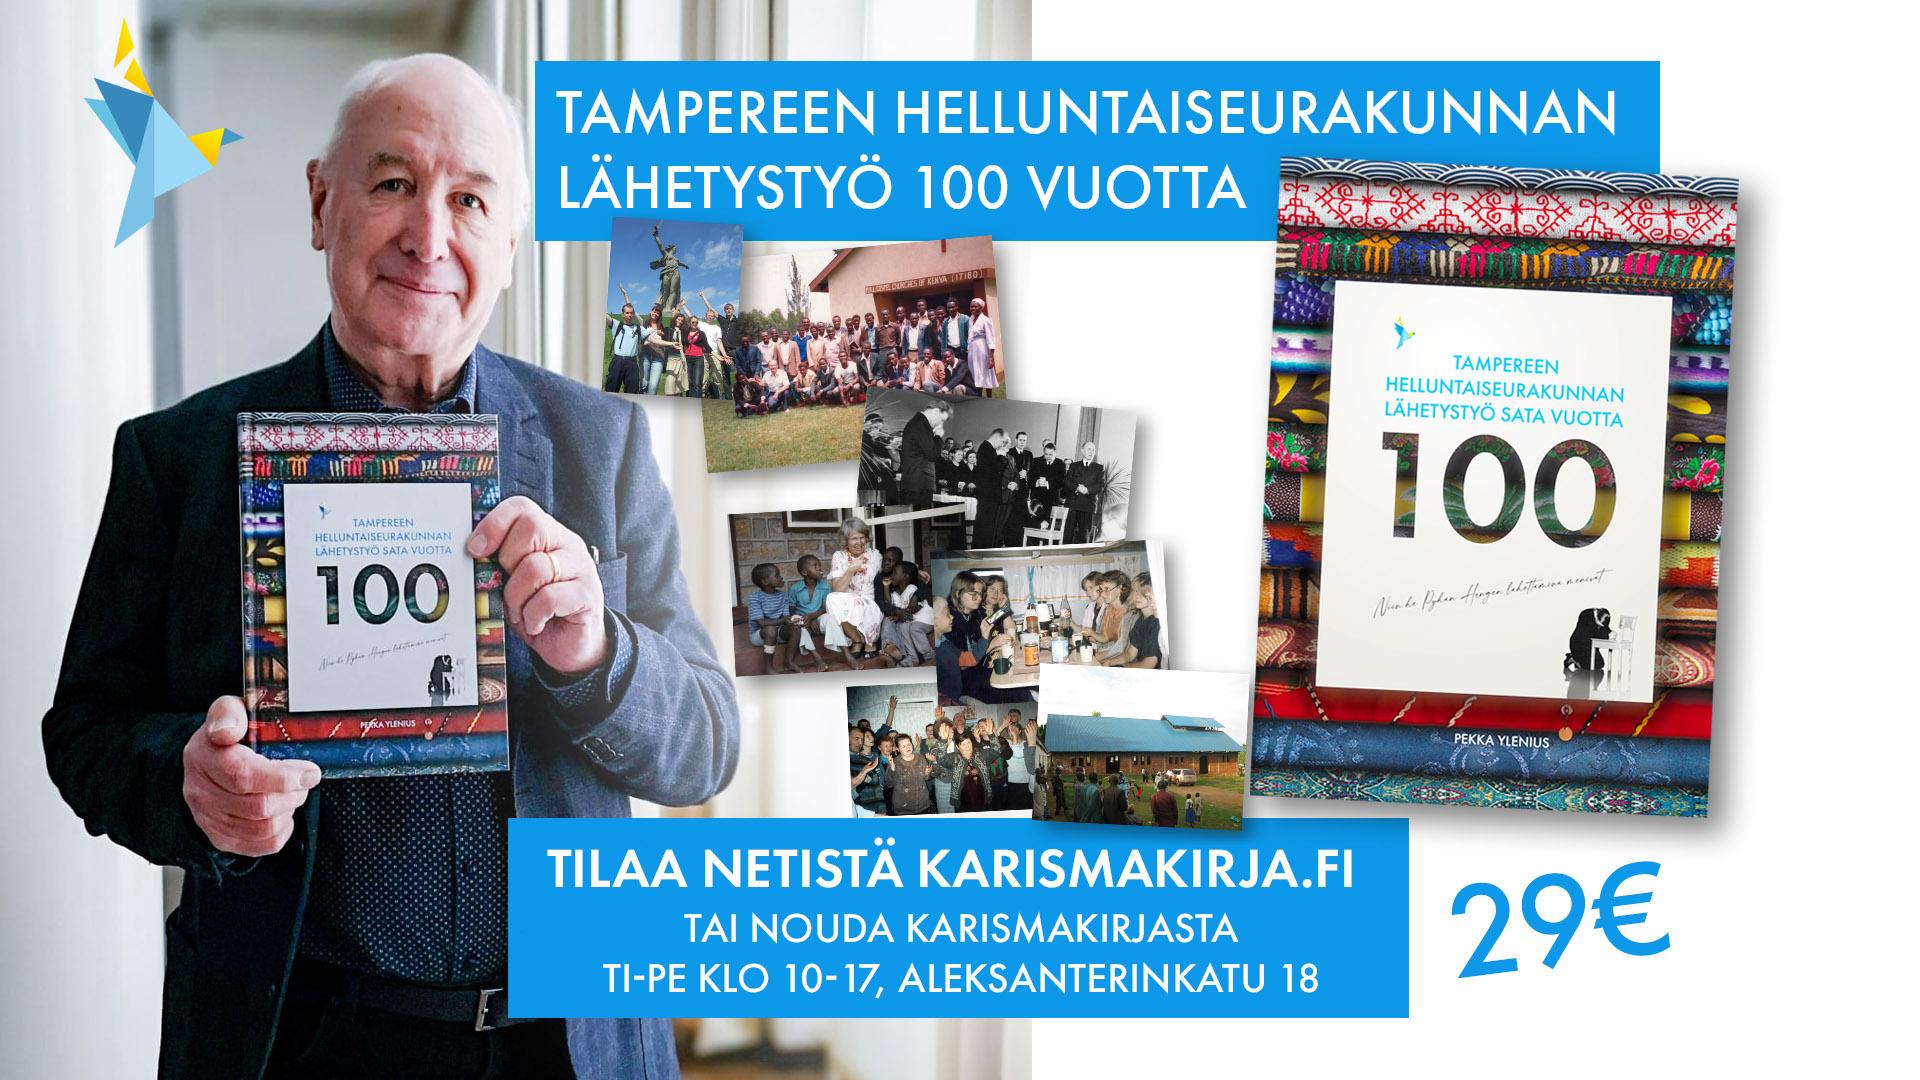 lähetys100mainos tilaa netistä